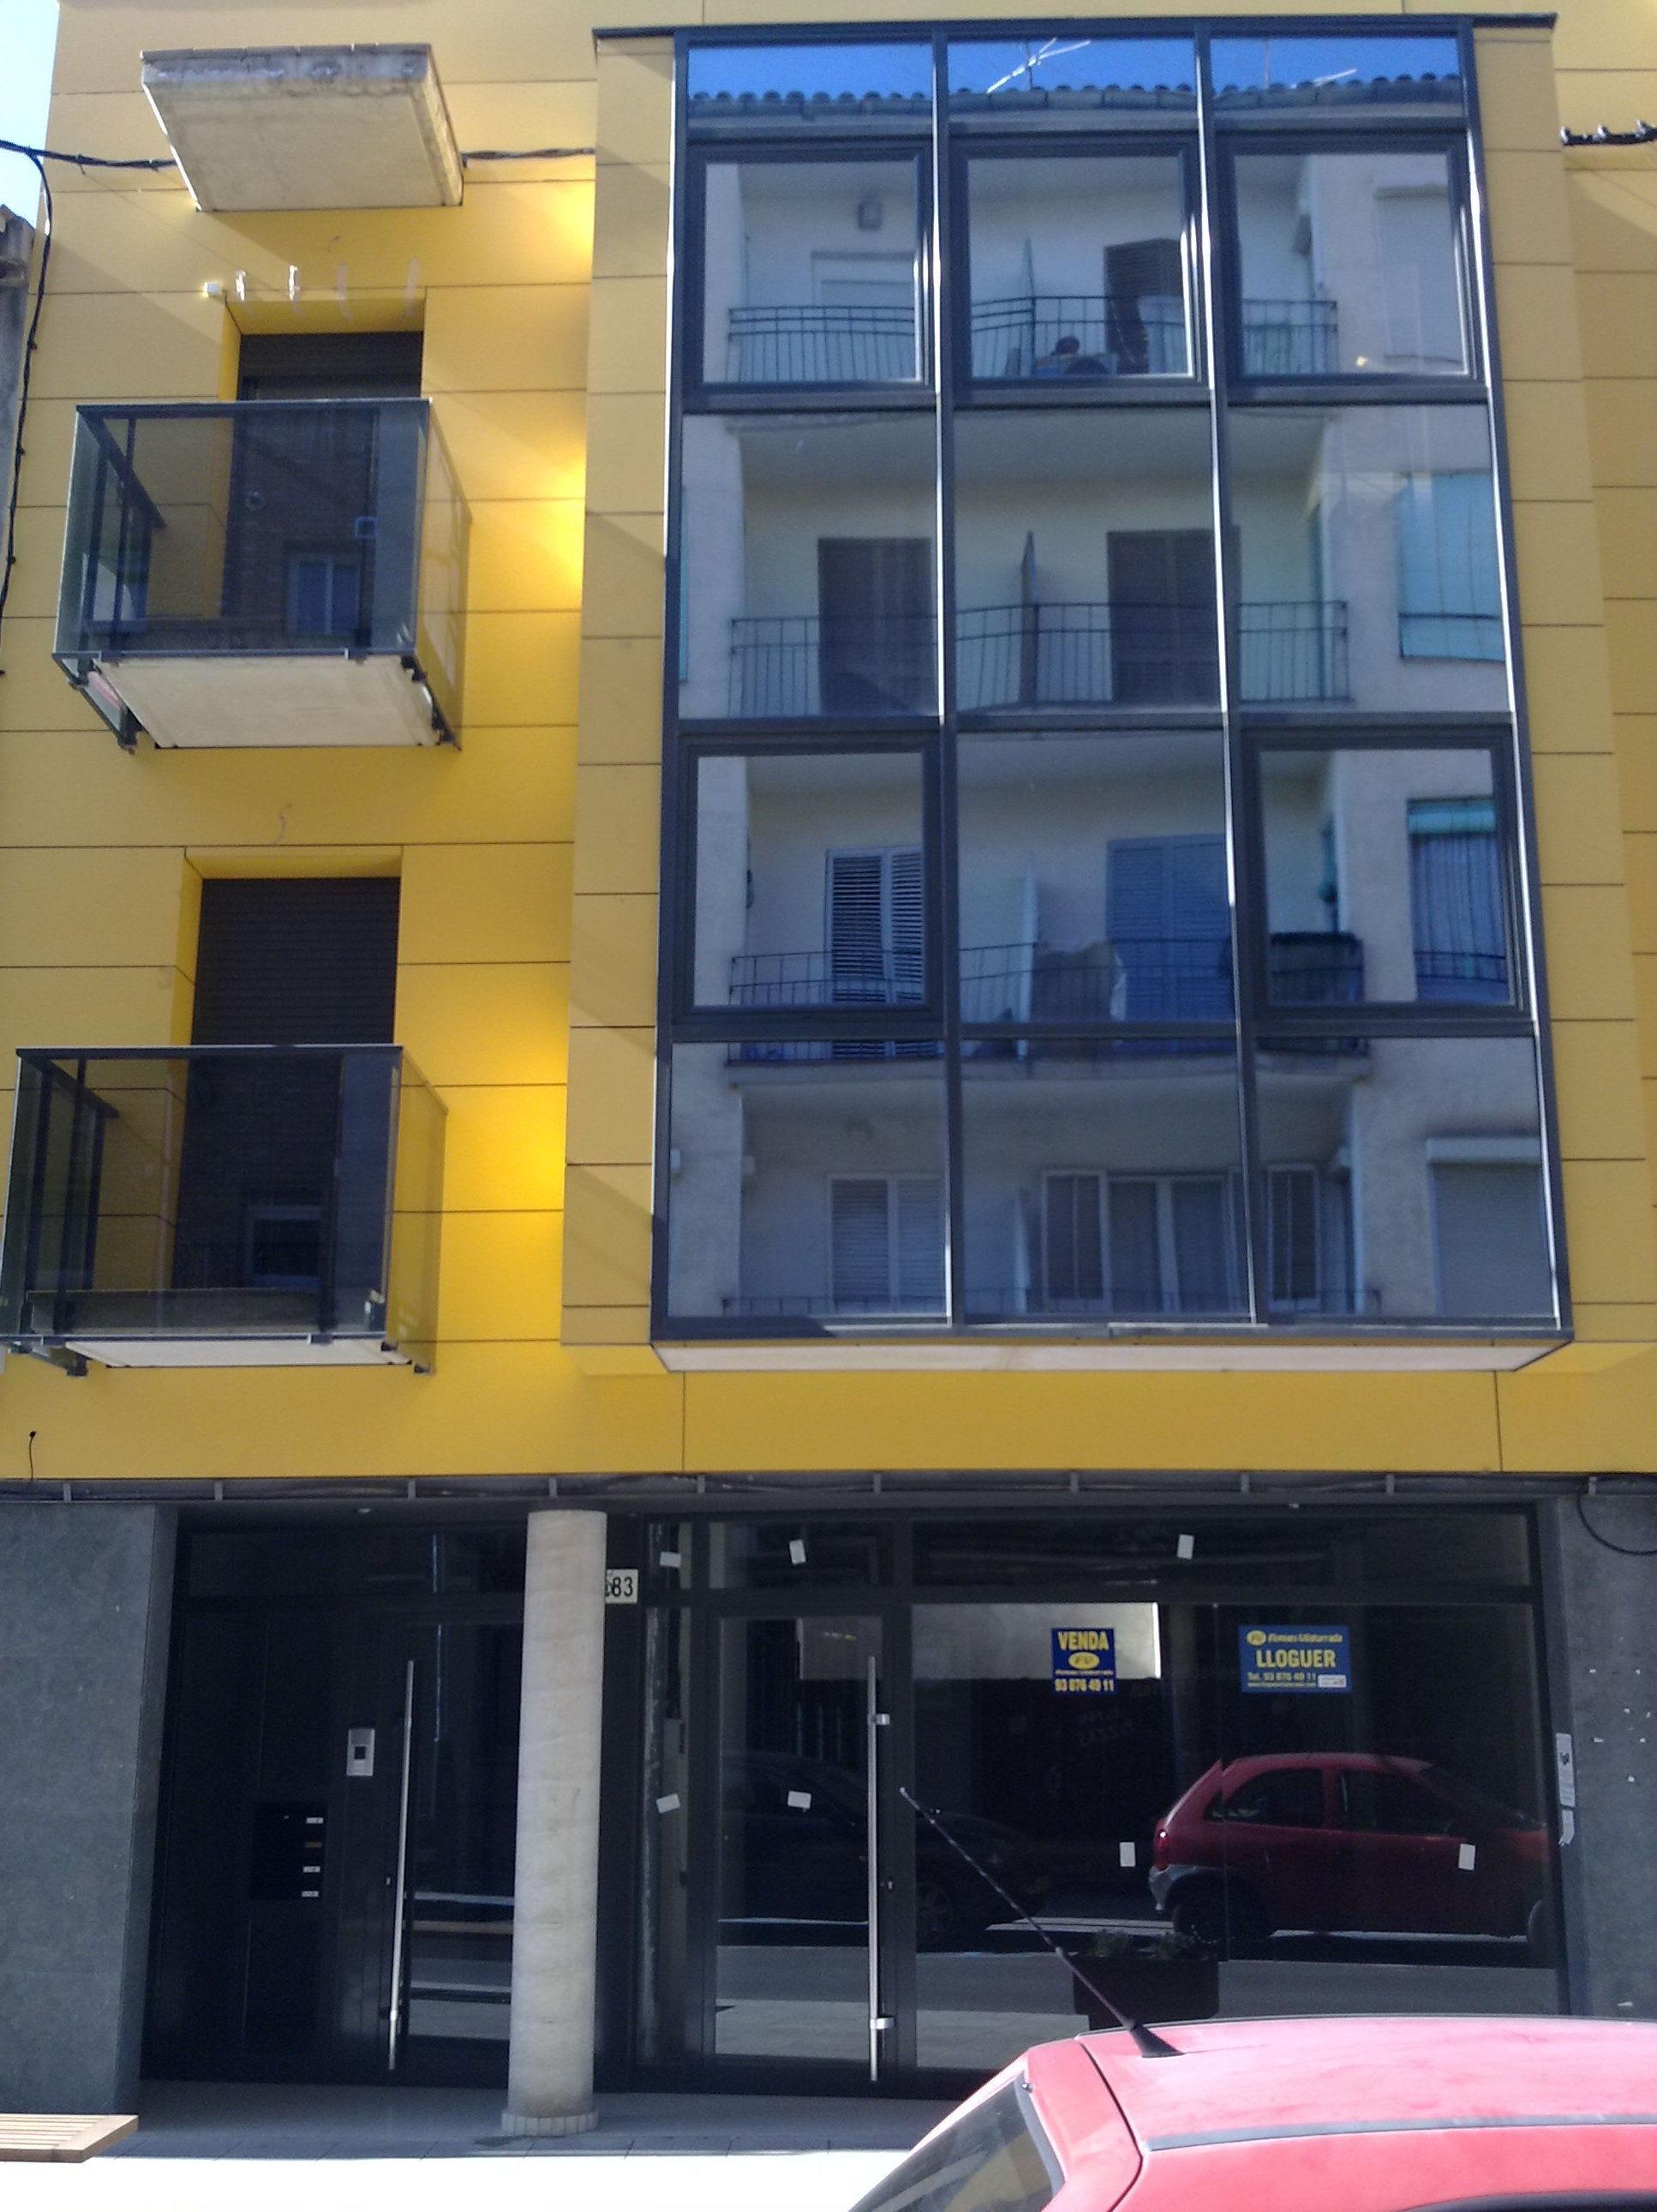 Instalación de ventanas de aluminio en exterior de edificio